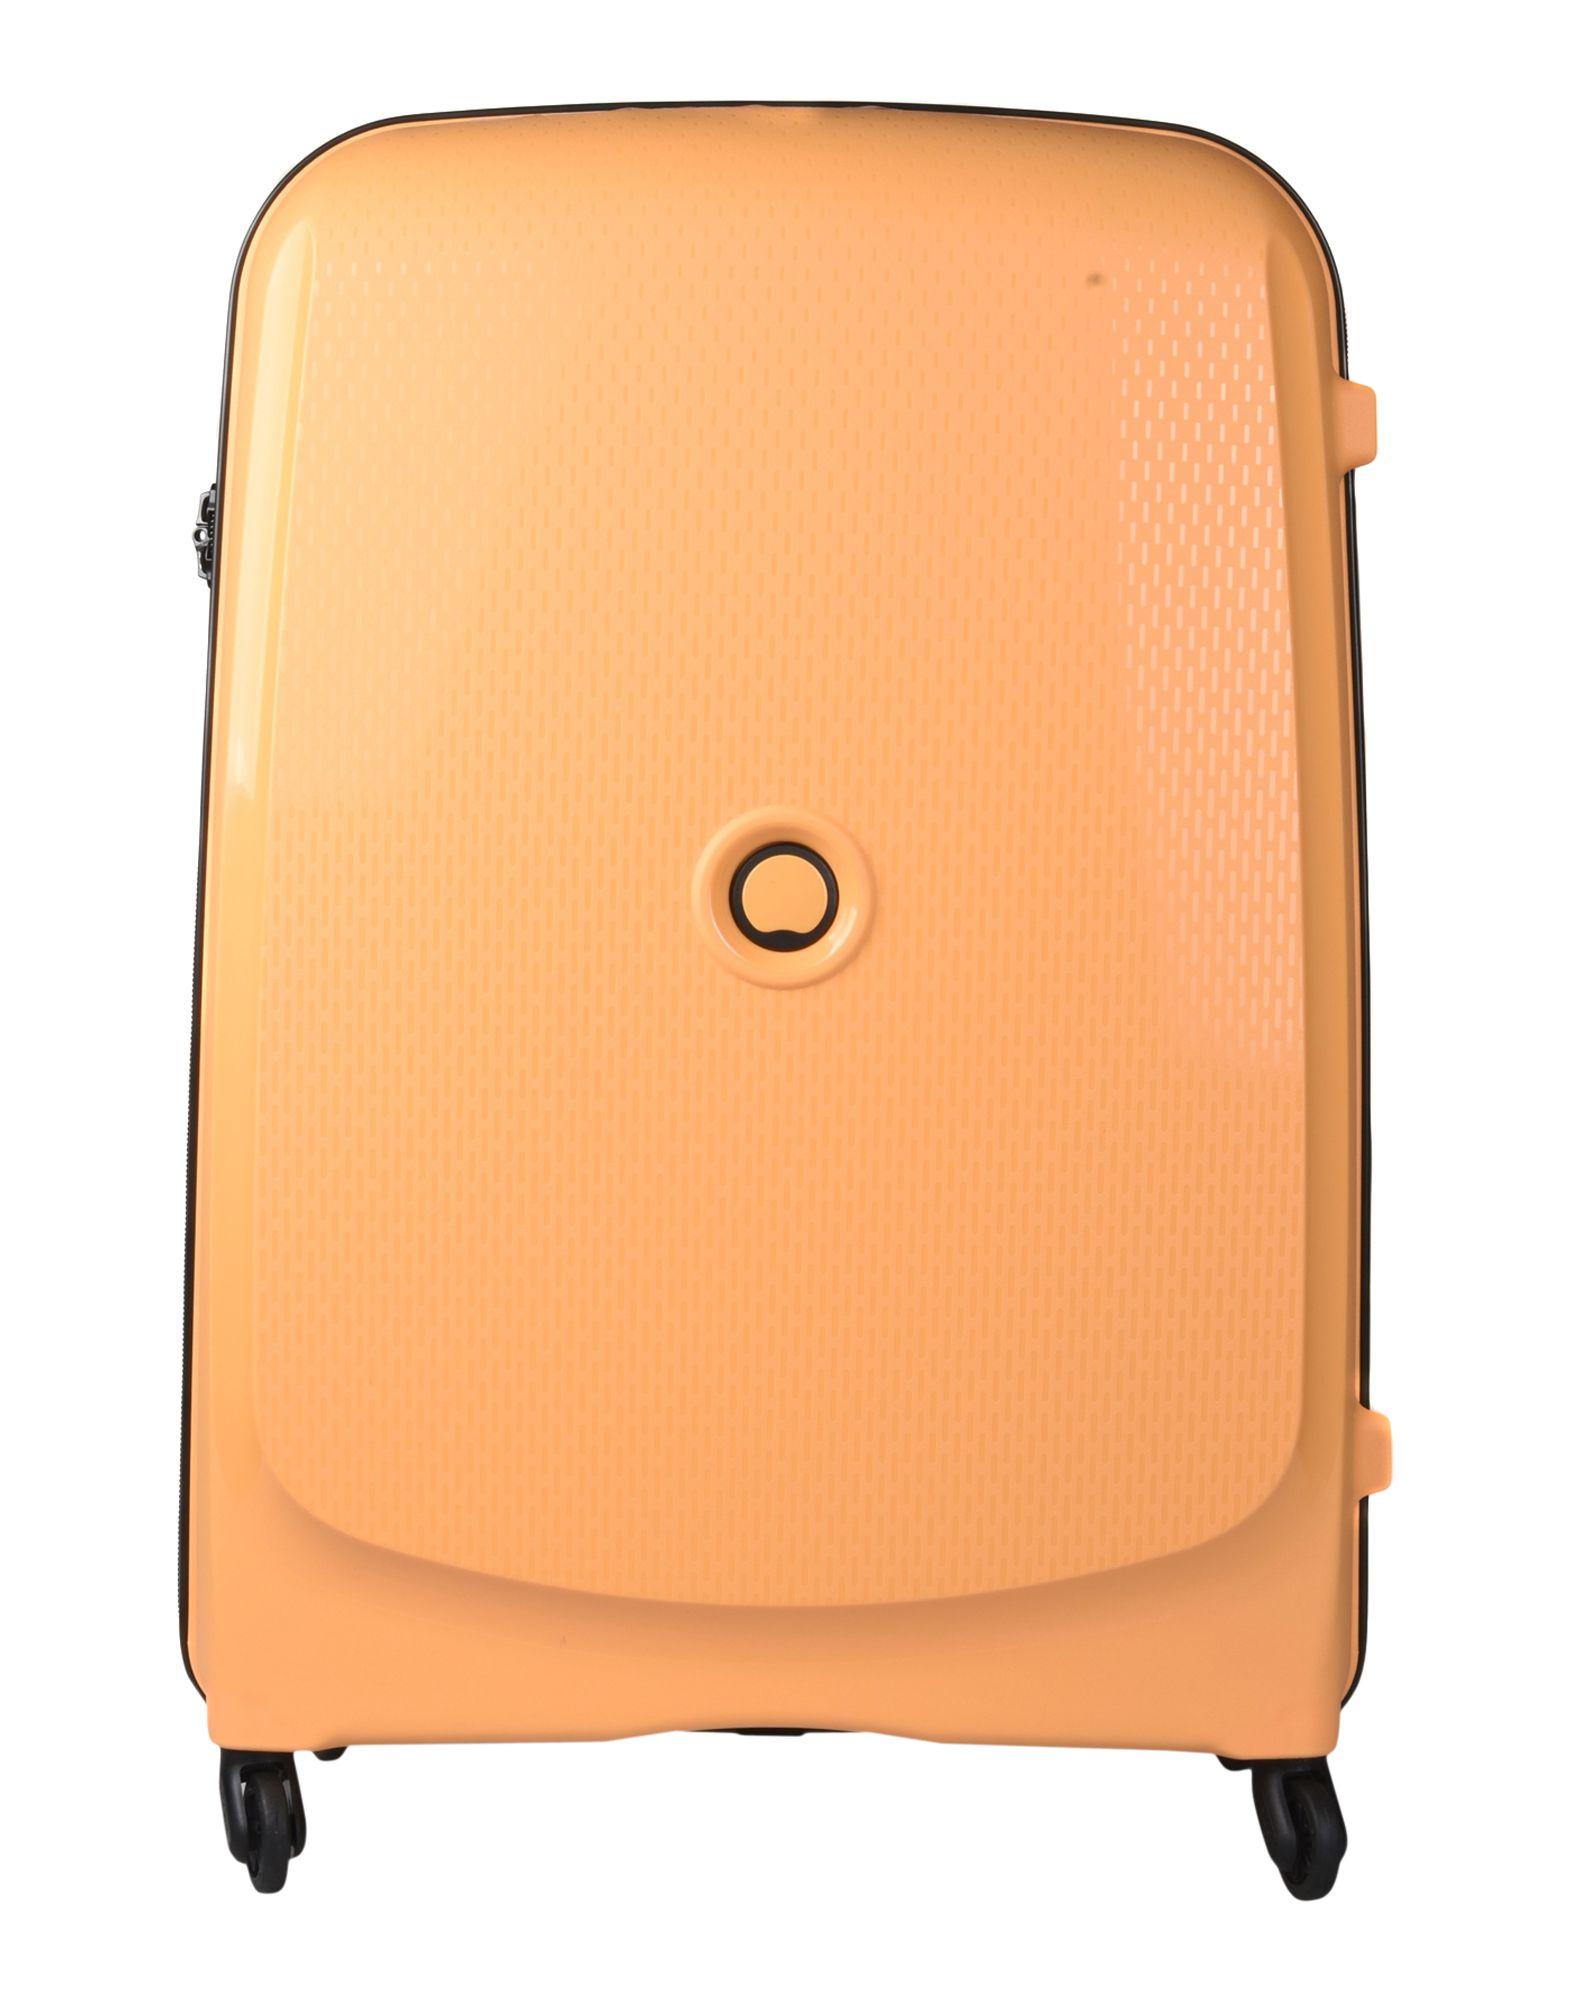 《送料無料》DELSEY Unisex キャスター付きバッグ あんず色 ポリプロピレン